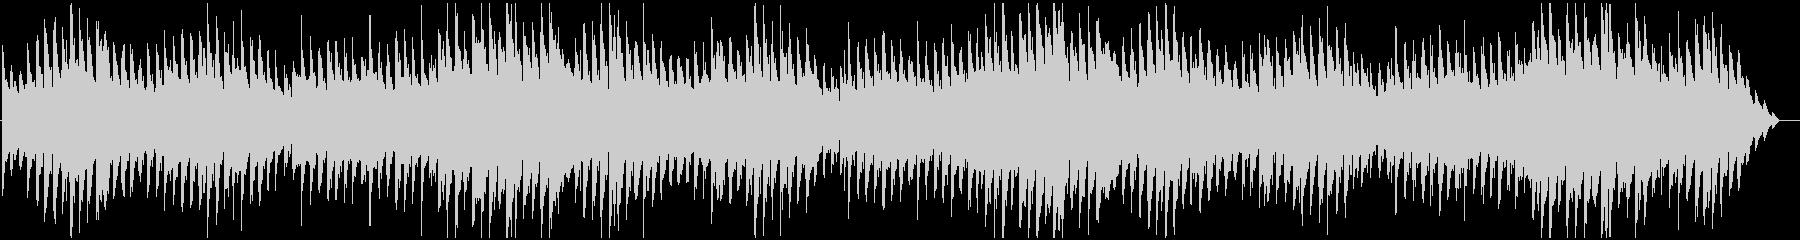 不気味な雰囲気のピアノの未再生の波形